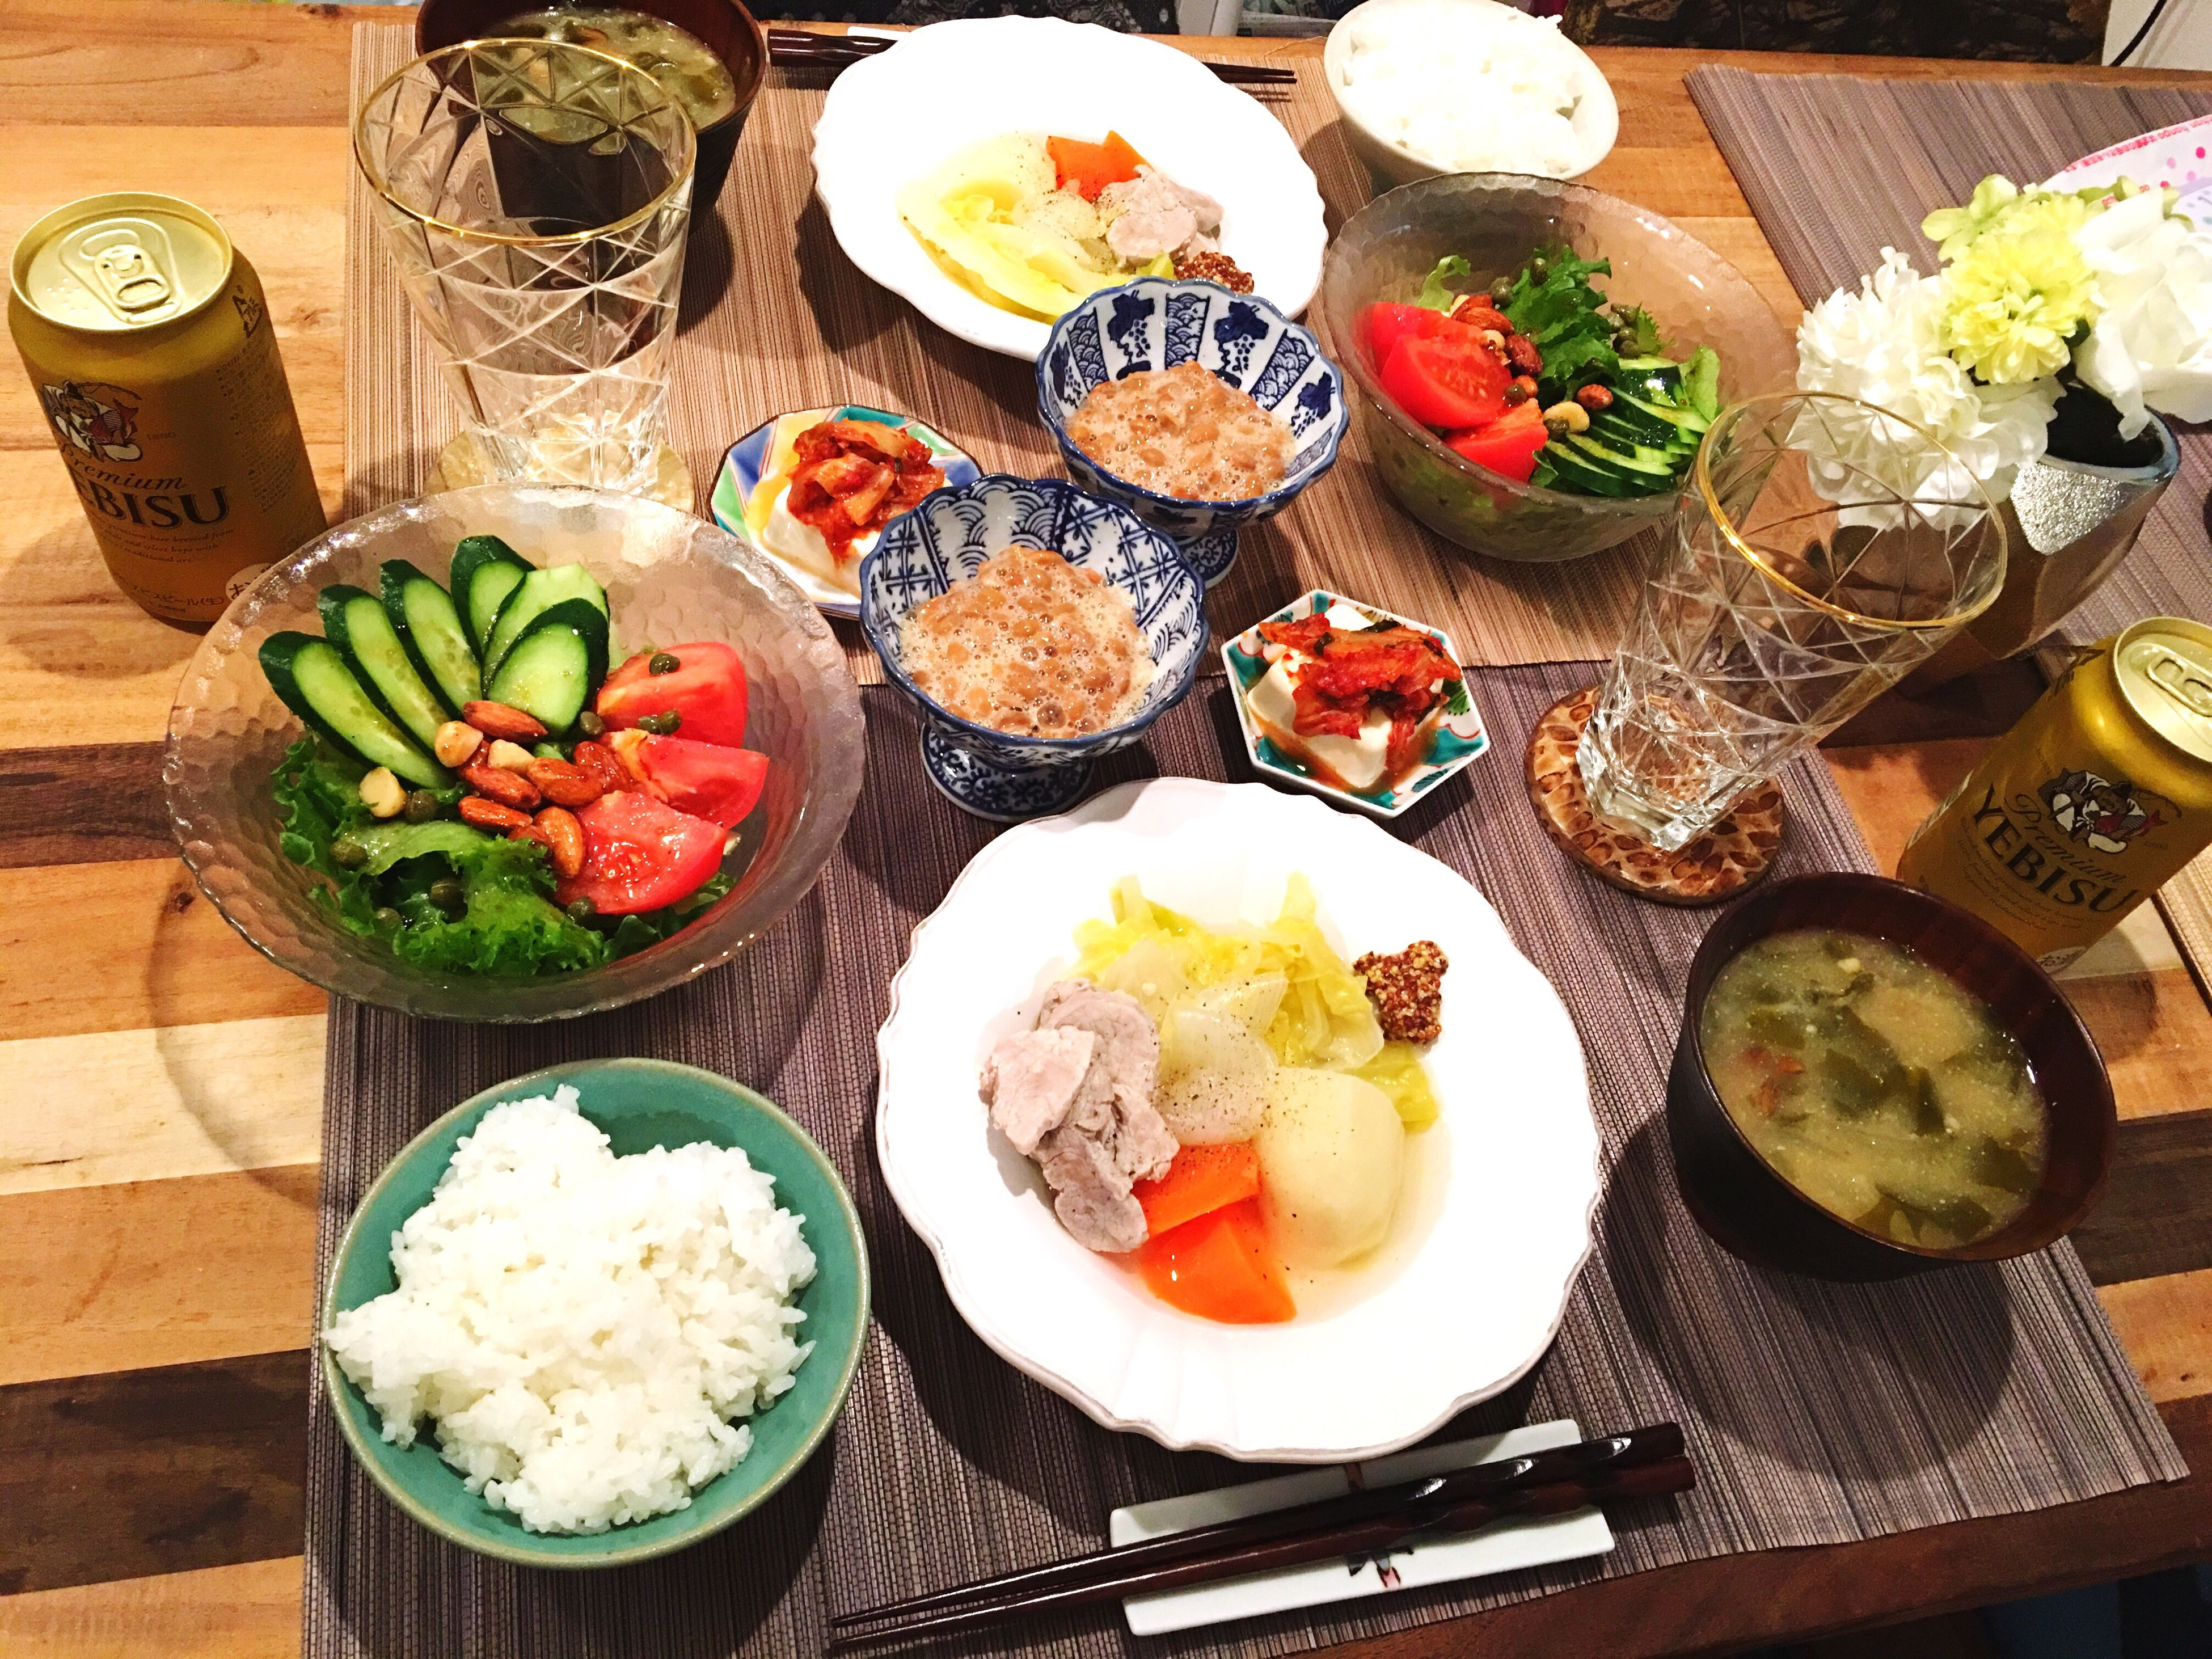 この日はじいじが来てくれてました❤️ Today's Dinner Pot-au-feu 塩豚のポトフ わかめとたまねぎとなめこの味噌汁 キムチ豆腐 納豆 ナッツサラダ Saltedpork Seaweed Onion Nameko Miso Soup Kimuchi Tofu Natto Healthy Eating Ready-to-eat Indoors  My Recipes Food Porn Foodporn SoDelicious Nutssalad